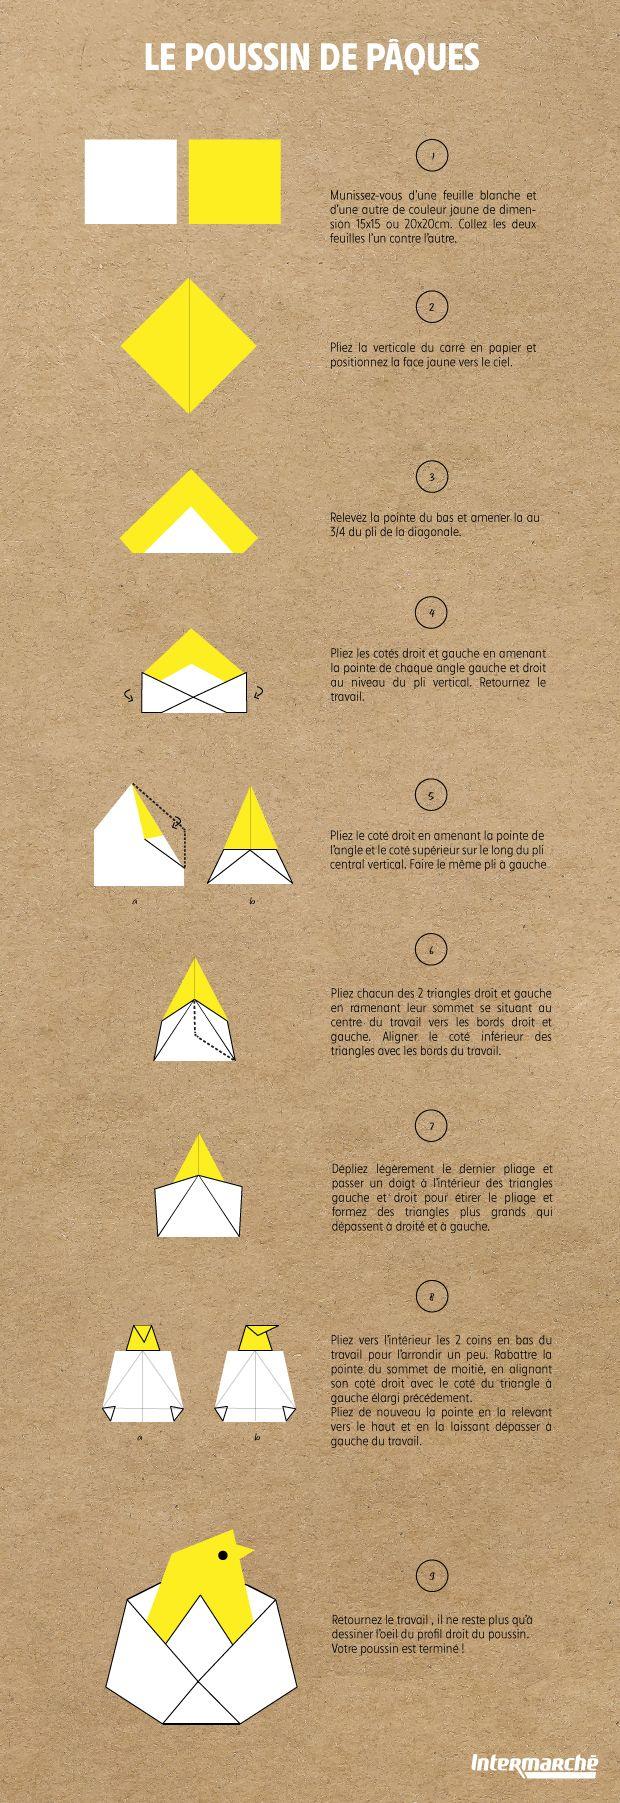 Tuto Origami pour un Poussin de Pâques